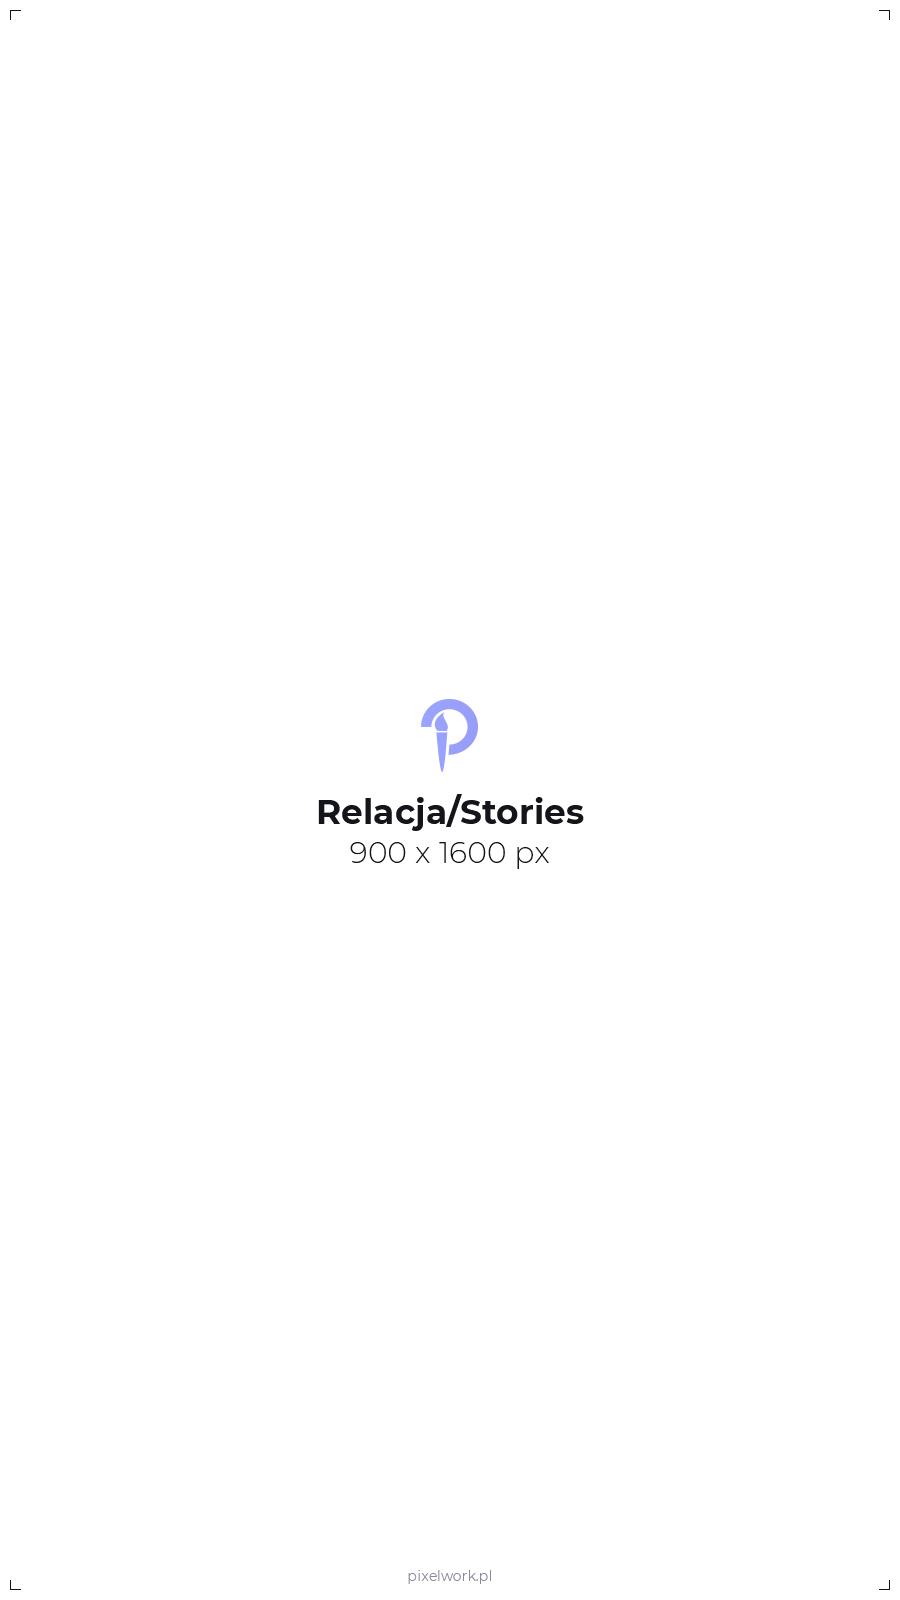 Wymiary grafik na fb, grafika na fb, Relacja, Stories